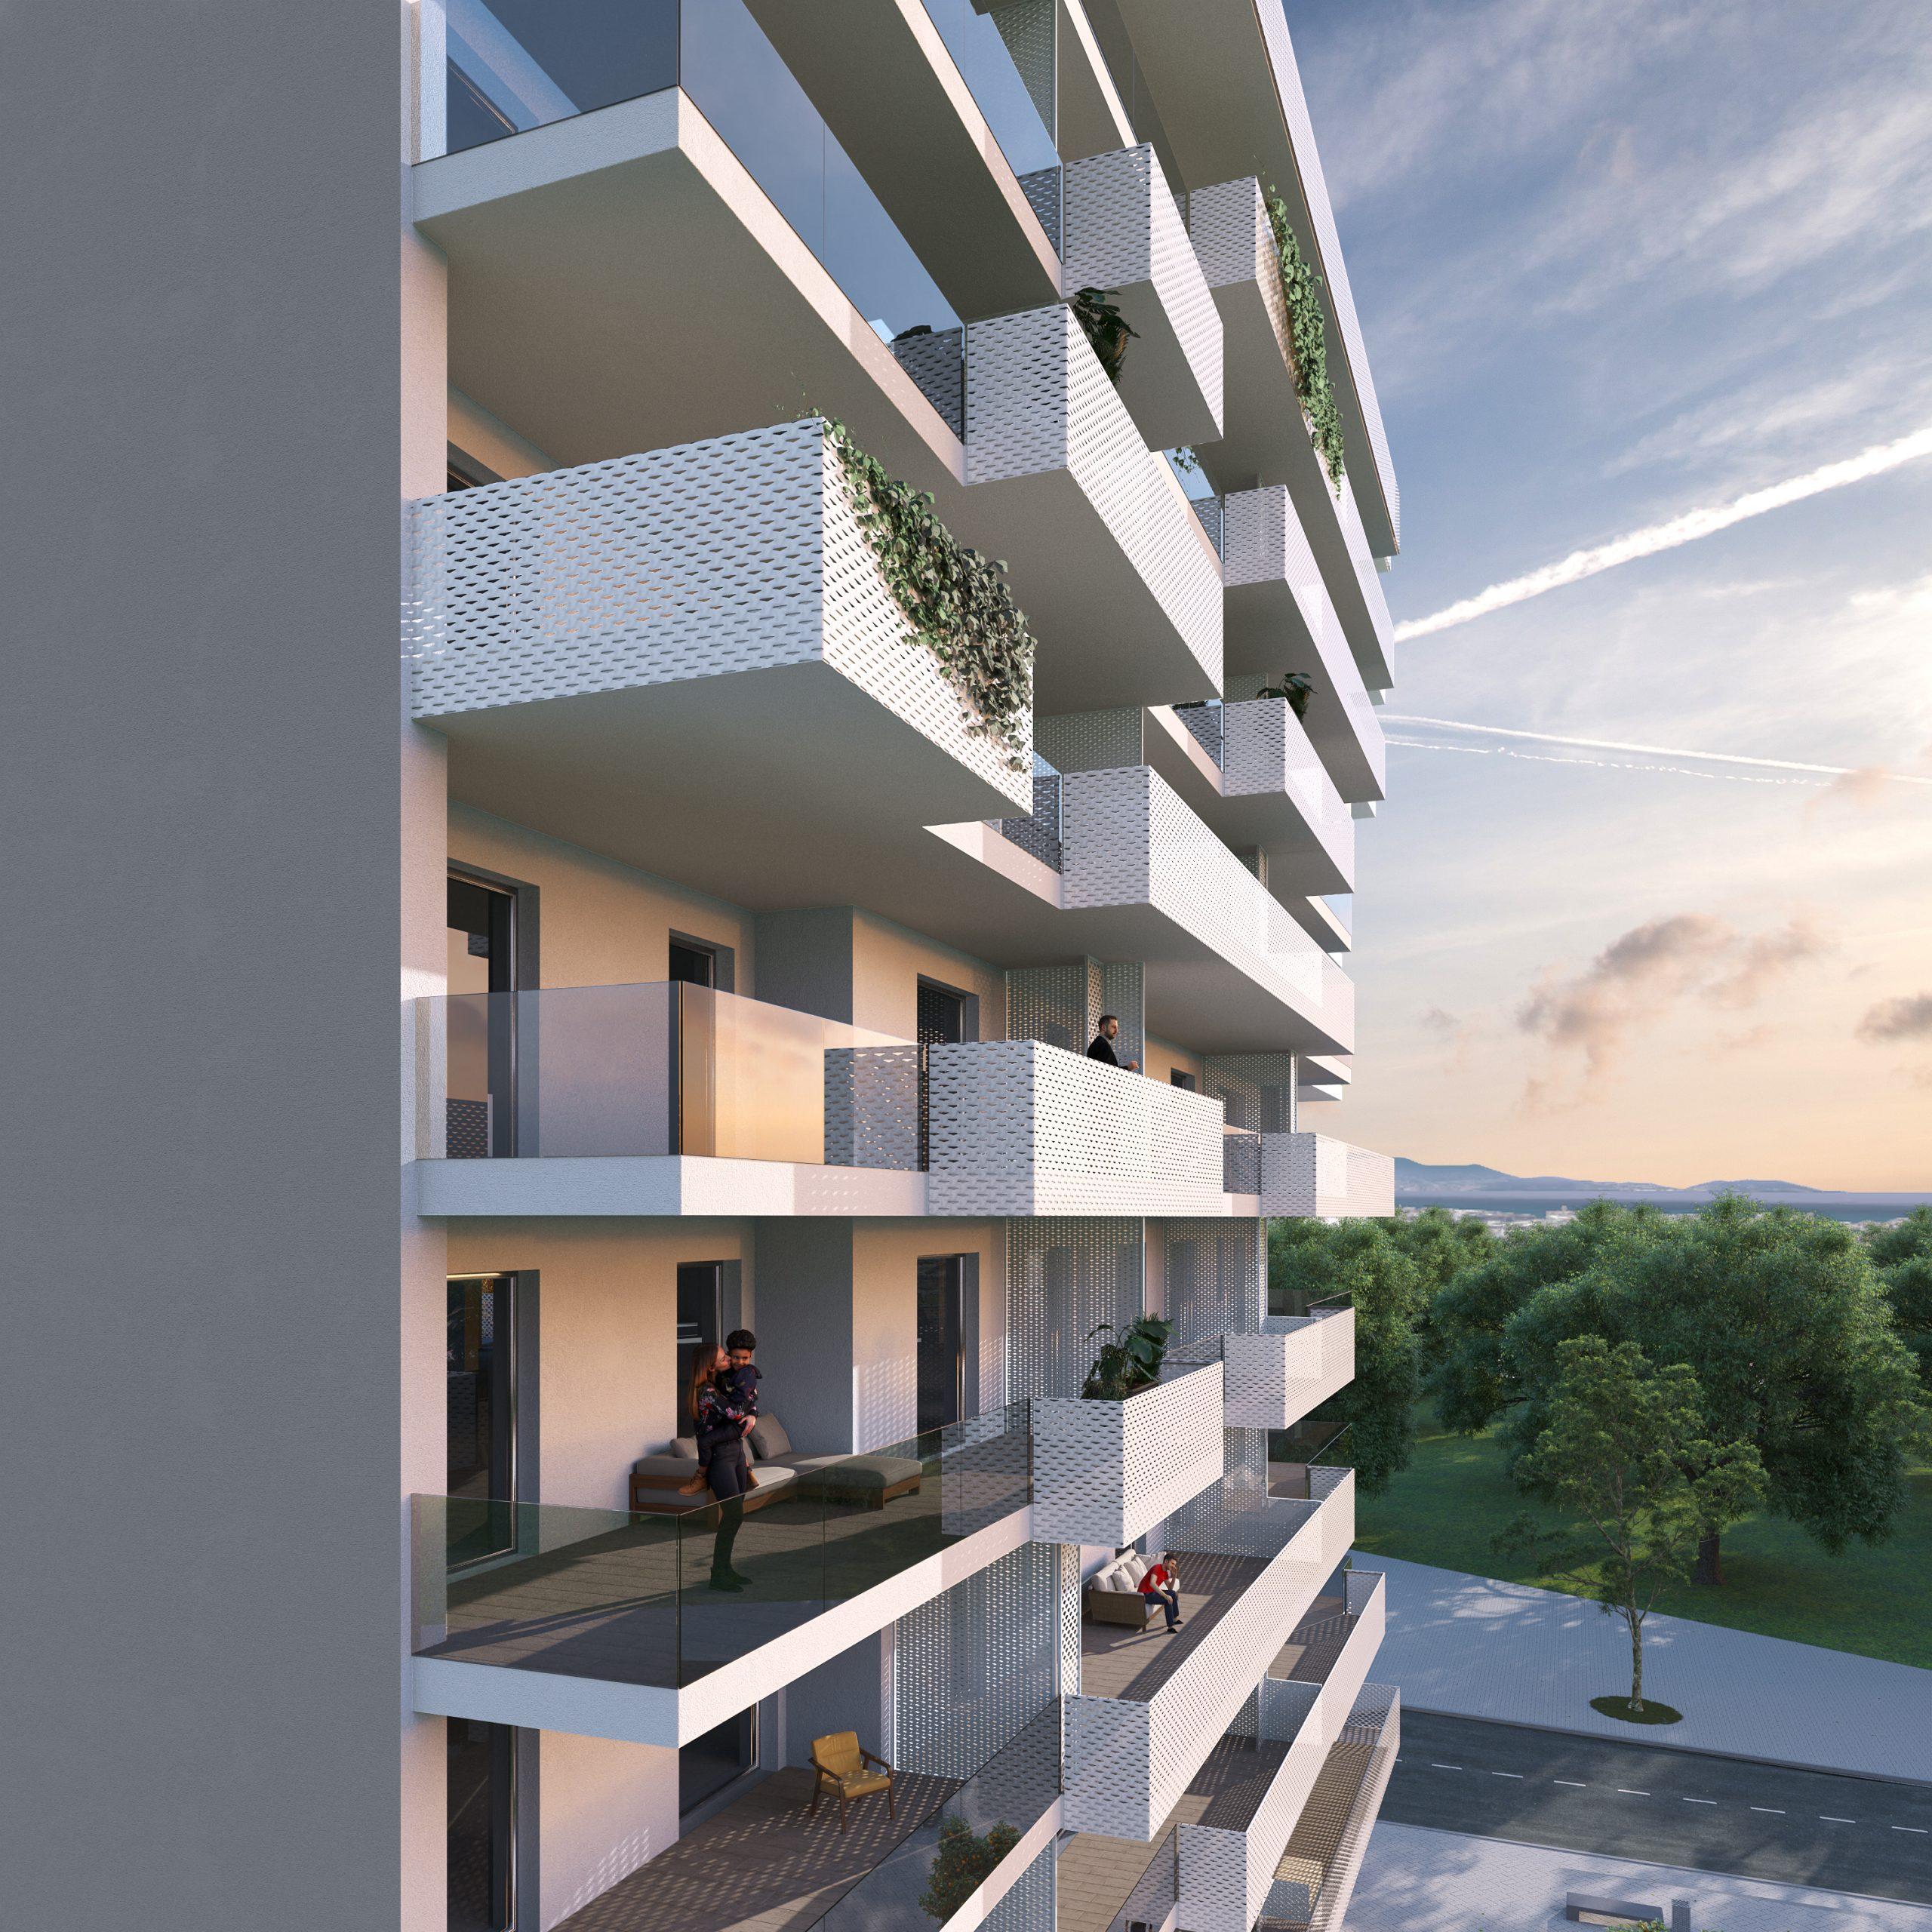 milara-srl-gruppo-postiglione-societa-di-costruzioni-e-vendita-appartamenti-immobili-residenziali-commerciali-cr53-f4-torre-nuova-torrione-vista-04-d